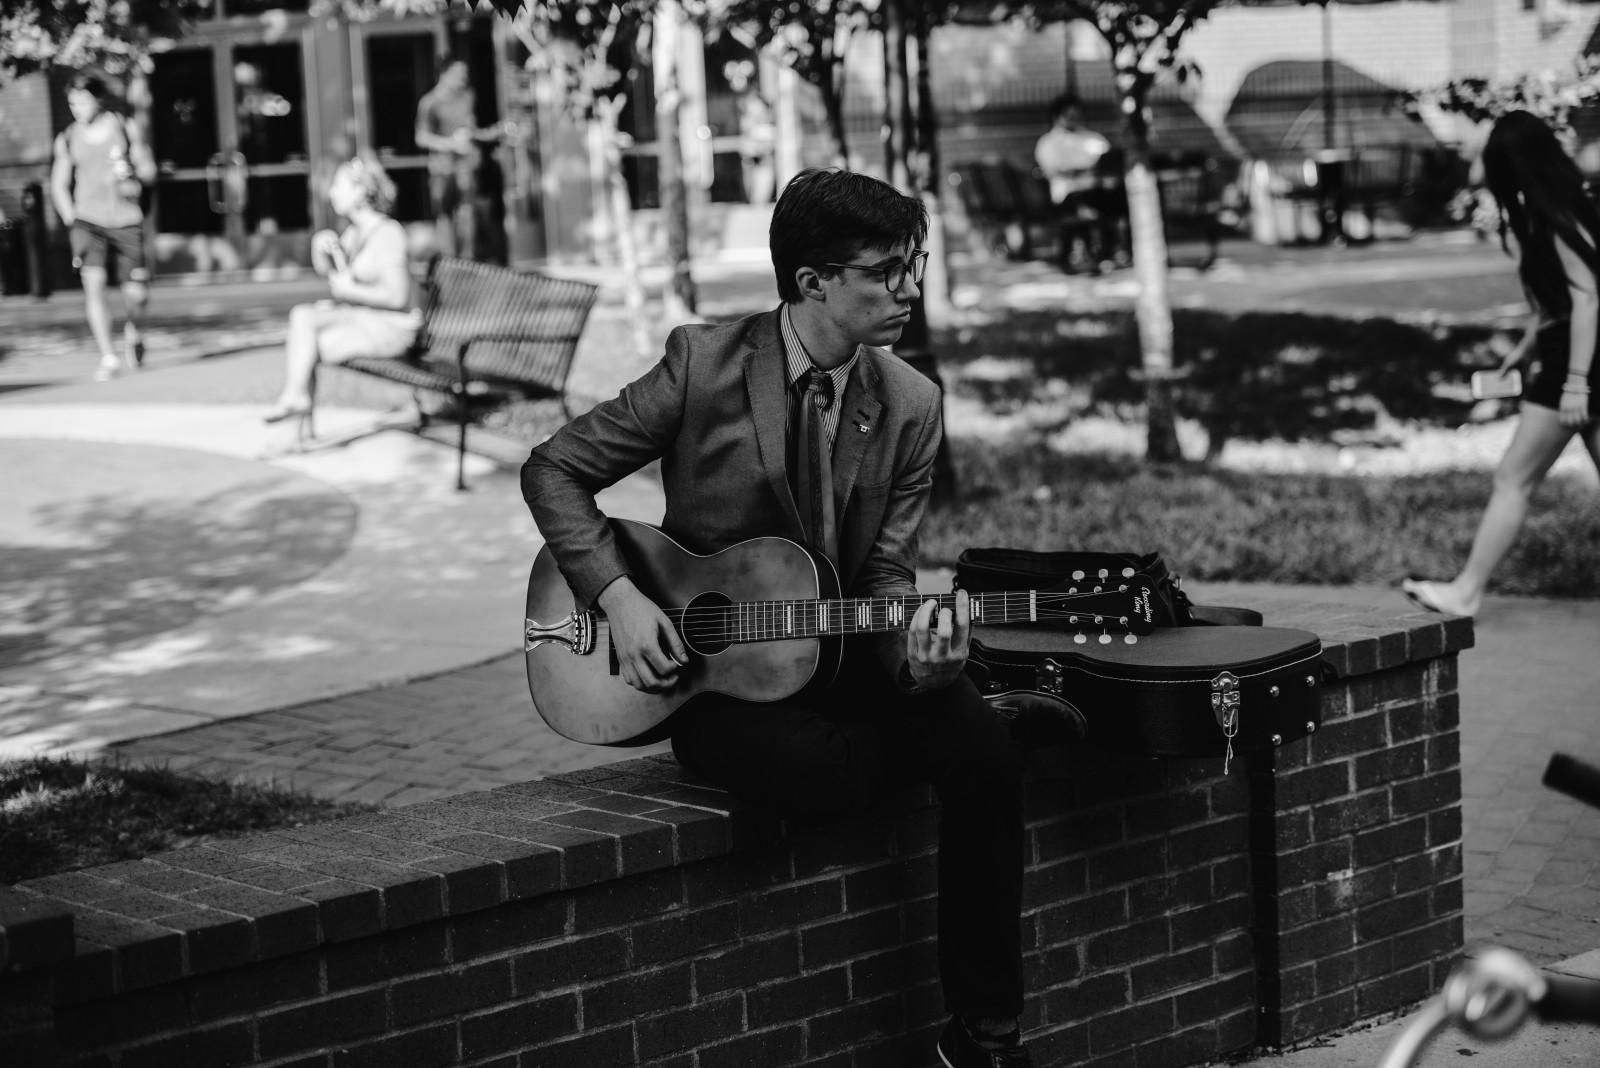 vcu student guitar